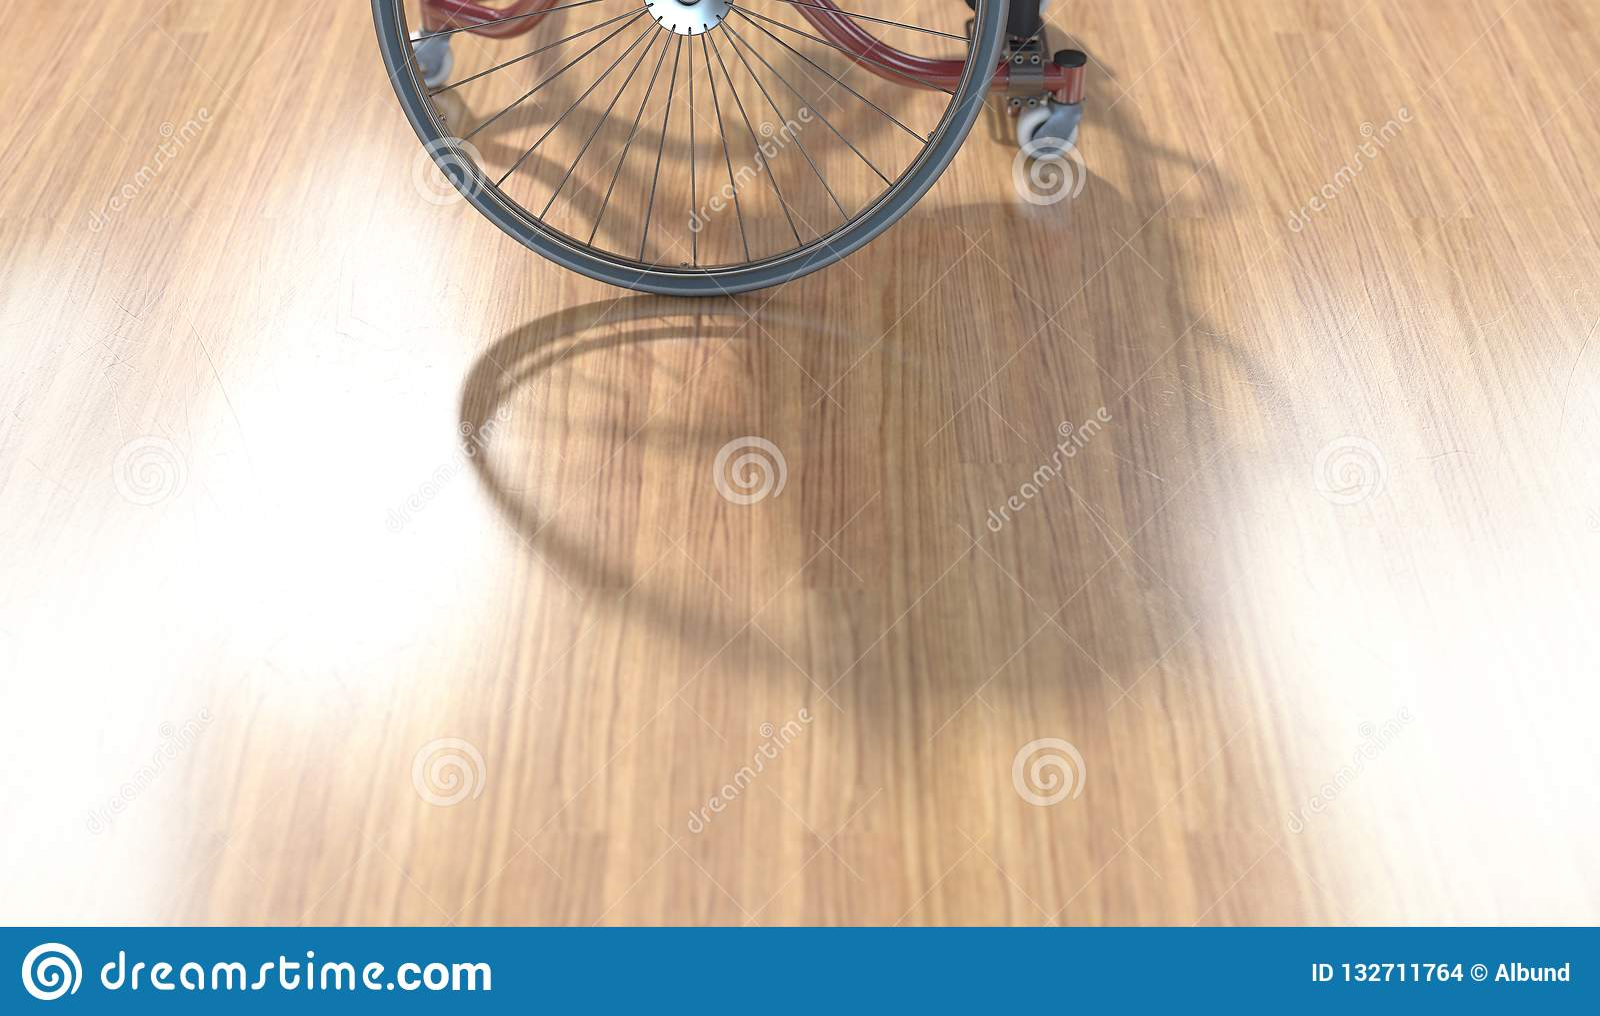 在优美的木地板上的体育轮椅